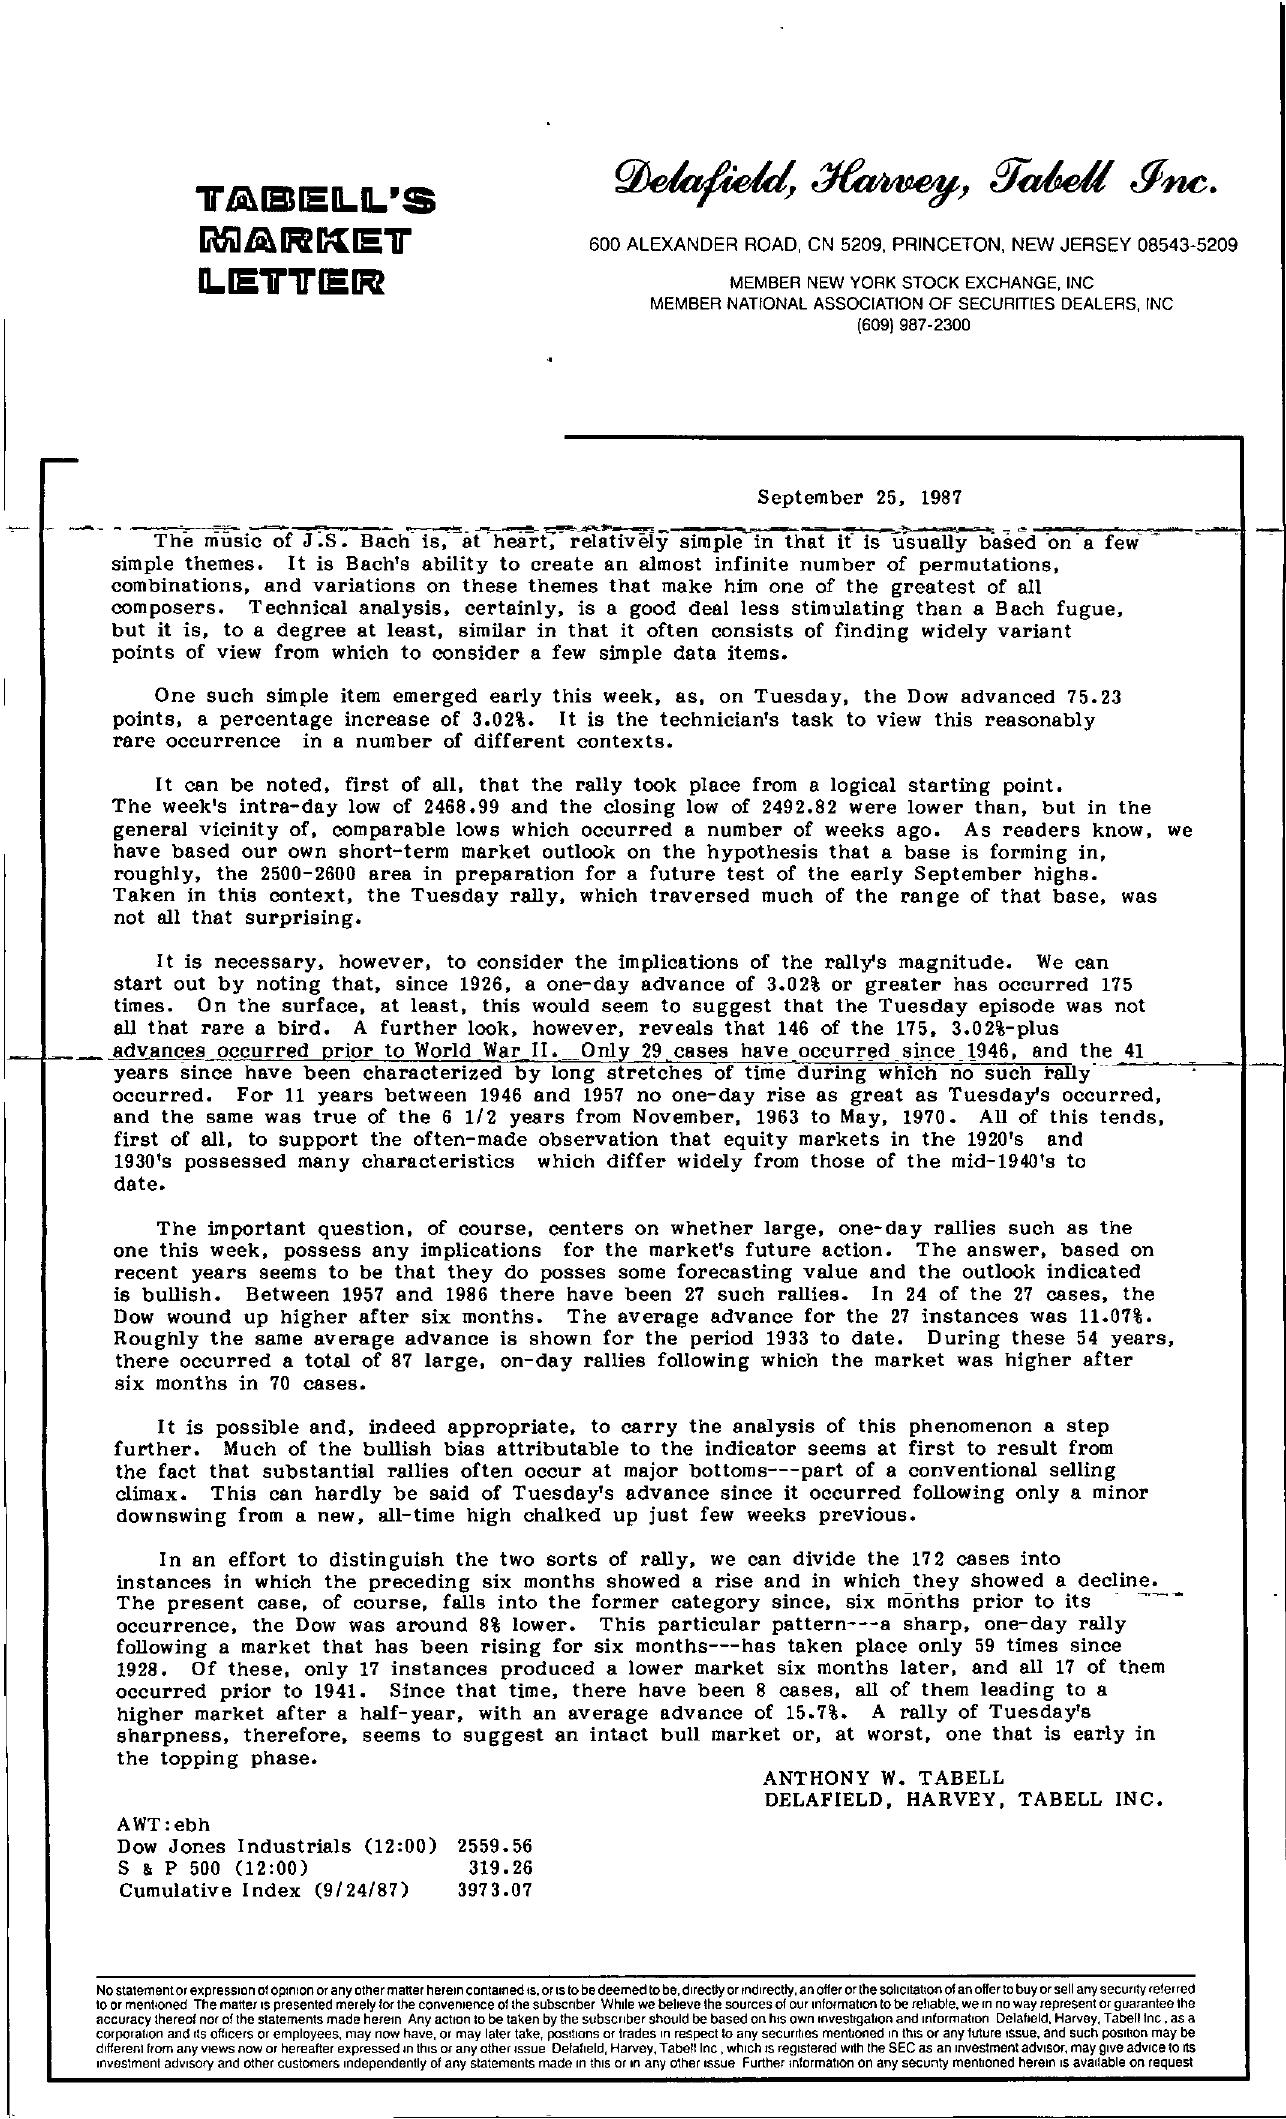 Tabell's Market Letter - September 25, 1987